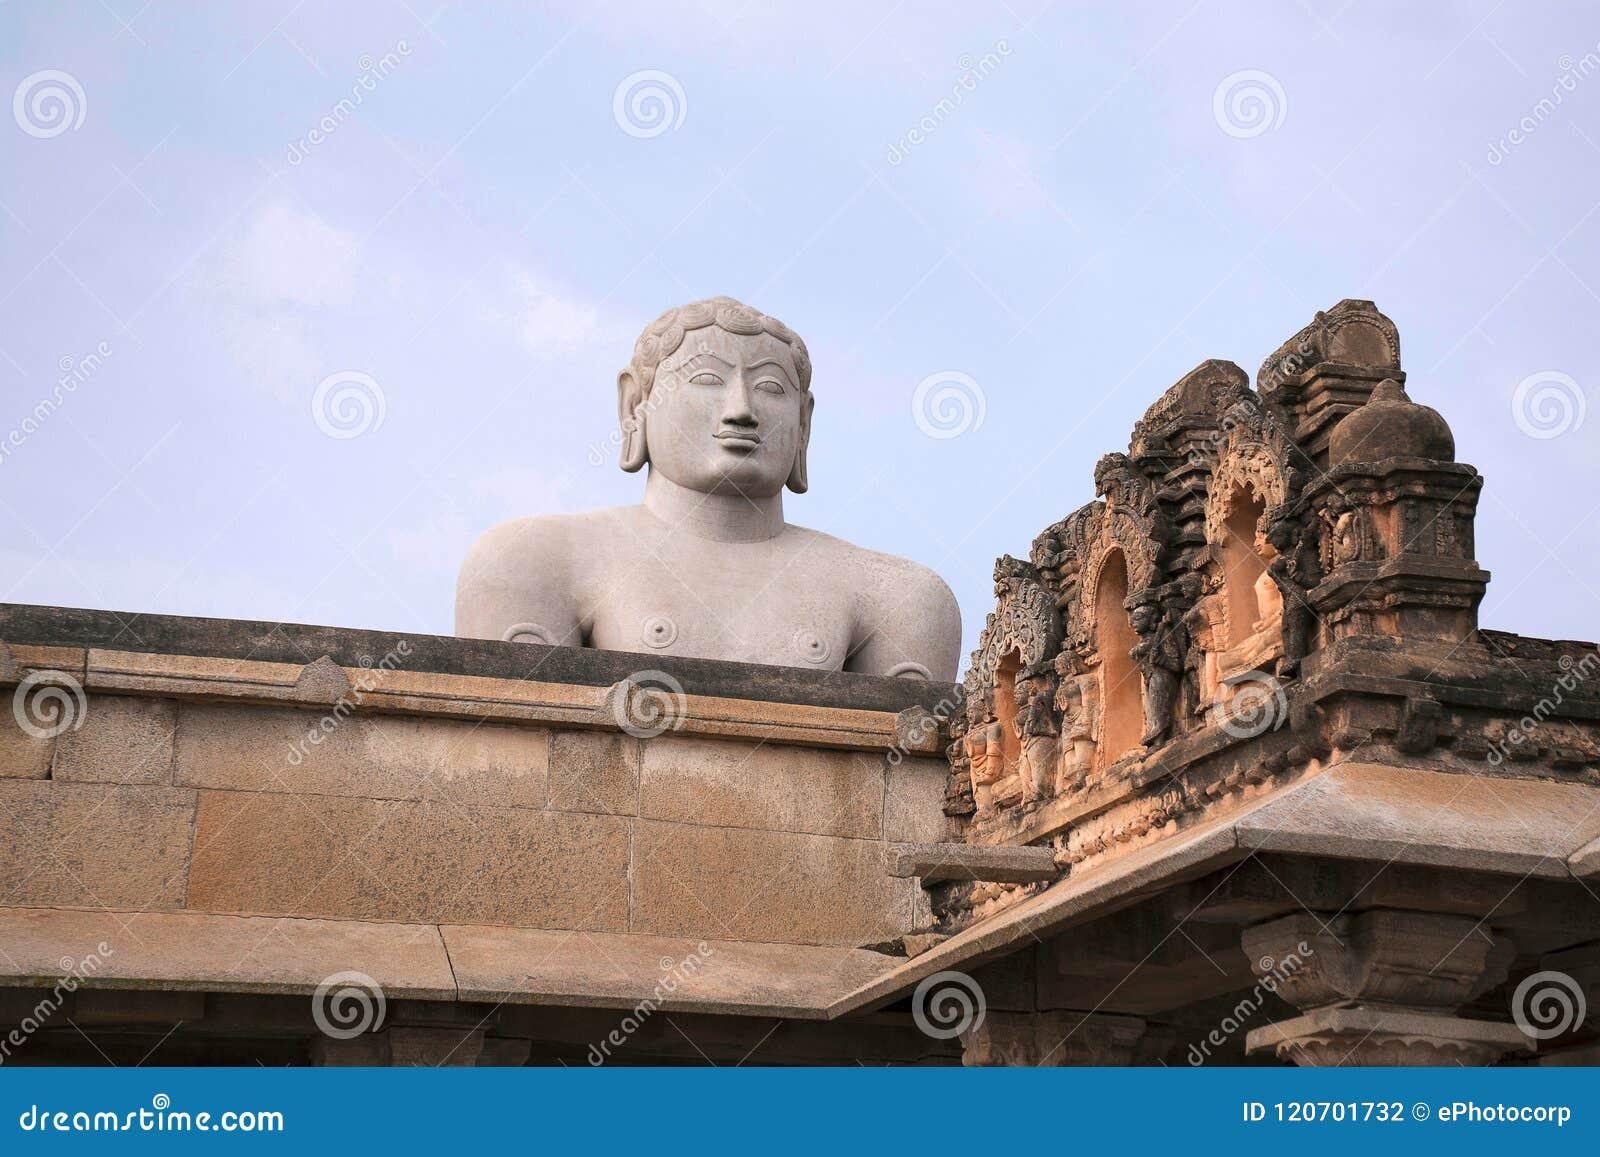 Une statue monolithique gigiantic de Bahubali, également connue sous le nom de Gomateshwara, colline de Vindhyagiri, Shravanbelgo